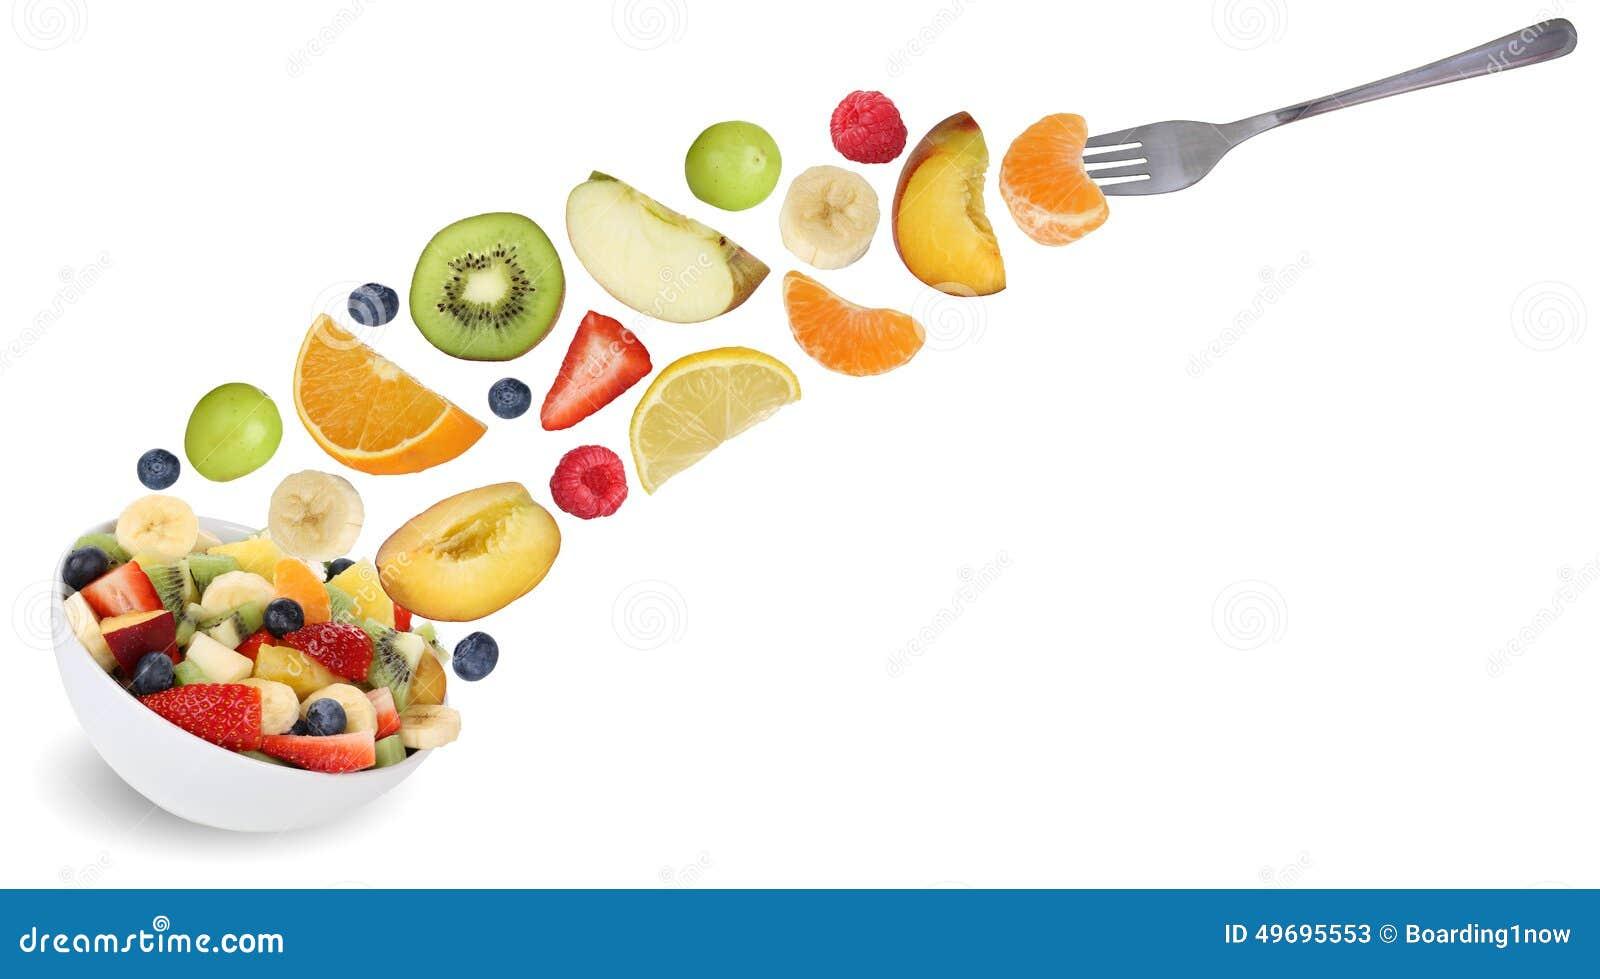 Eating flying fruit salad with fork, fruits like apples, oranges